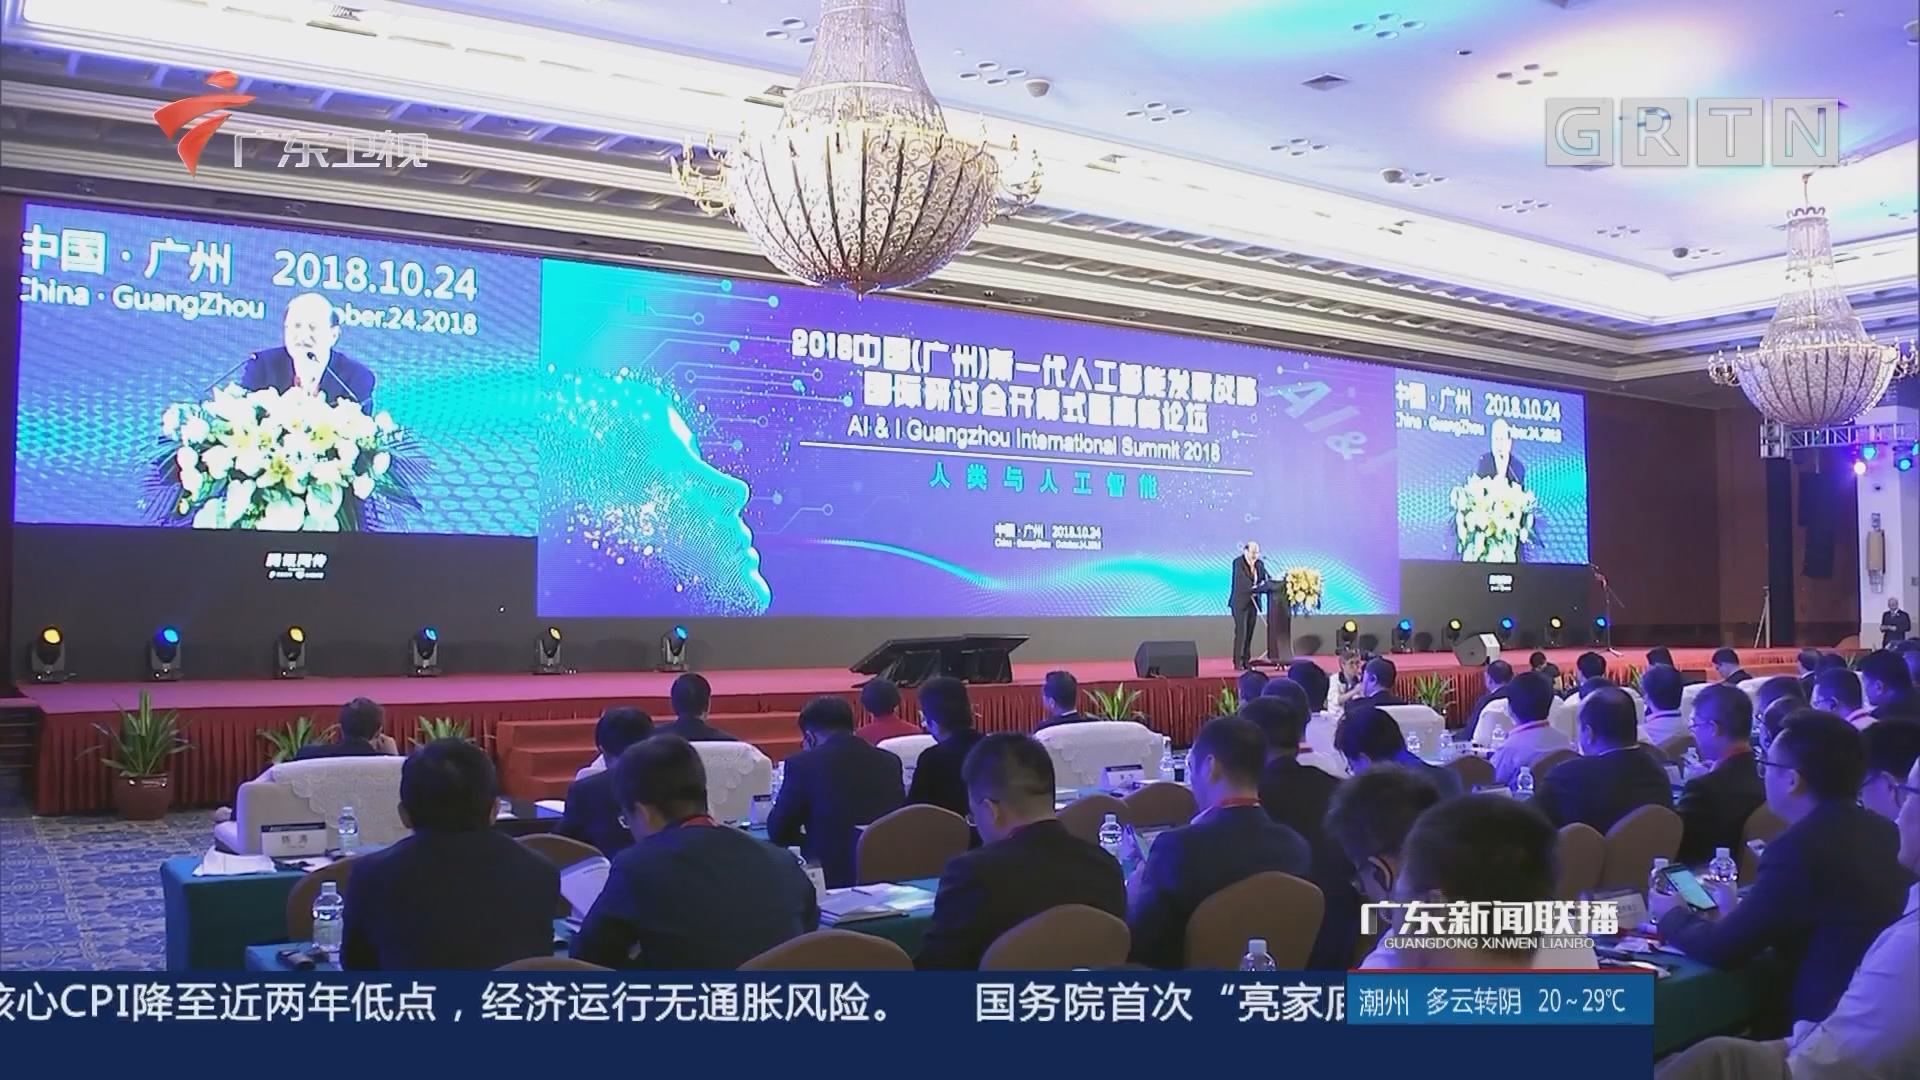 2018中国(广州)新一代人工智能发展战略国际研讨会暨高峰论坛在广州举行